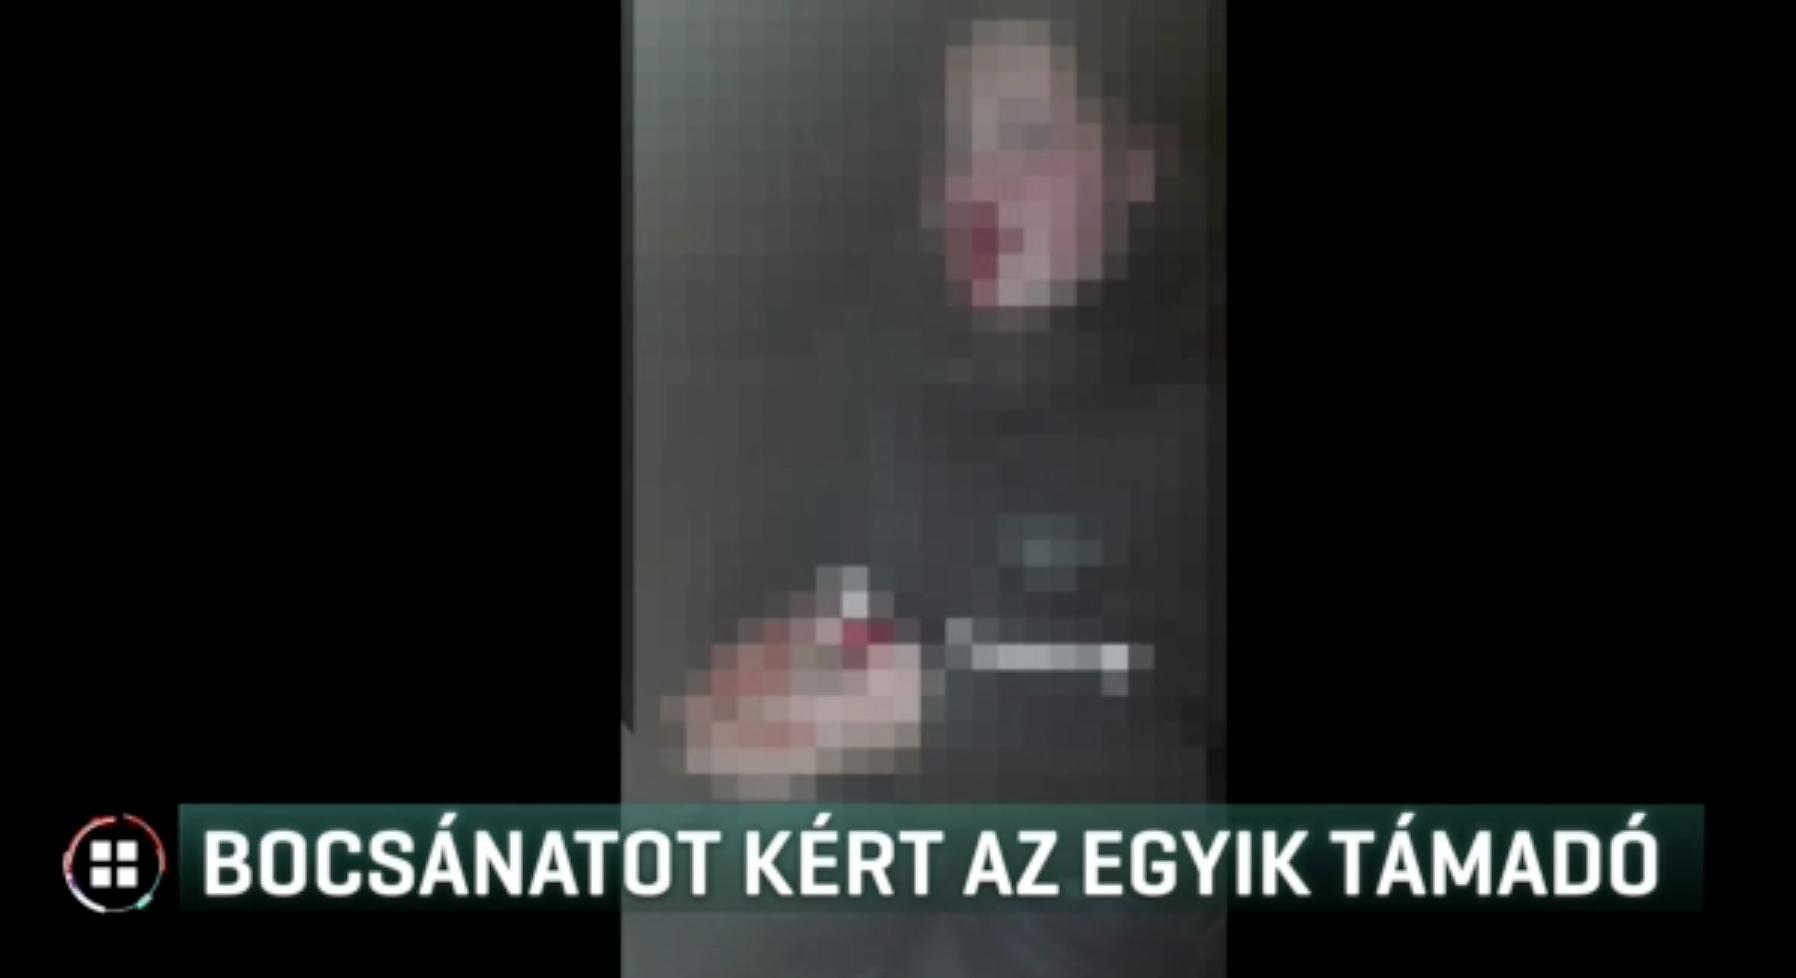 Bocsánatot kért a Nádudvaron megvert és megalázott lány egyik támadója